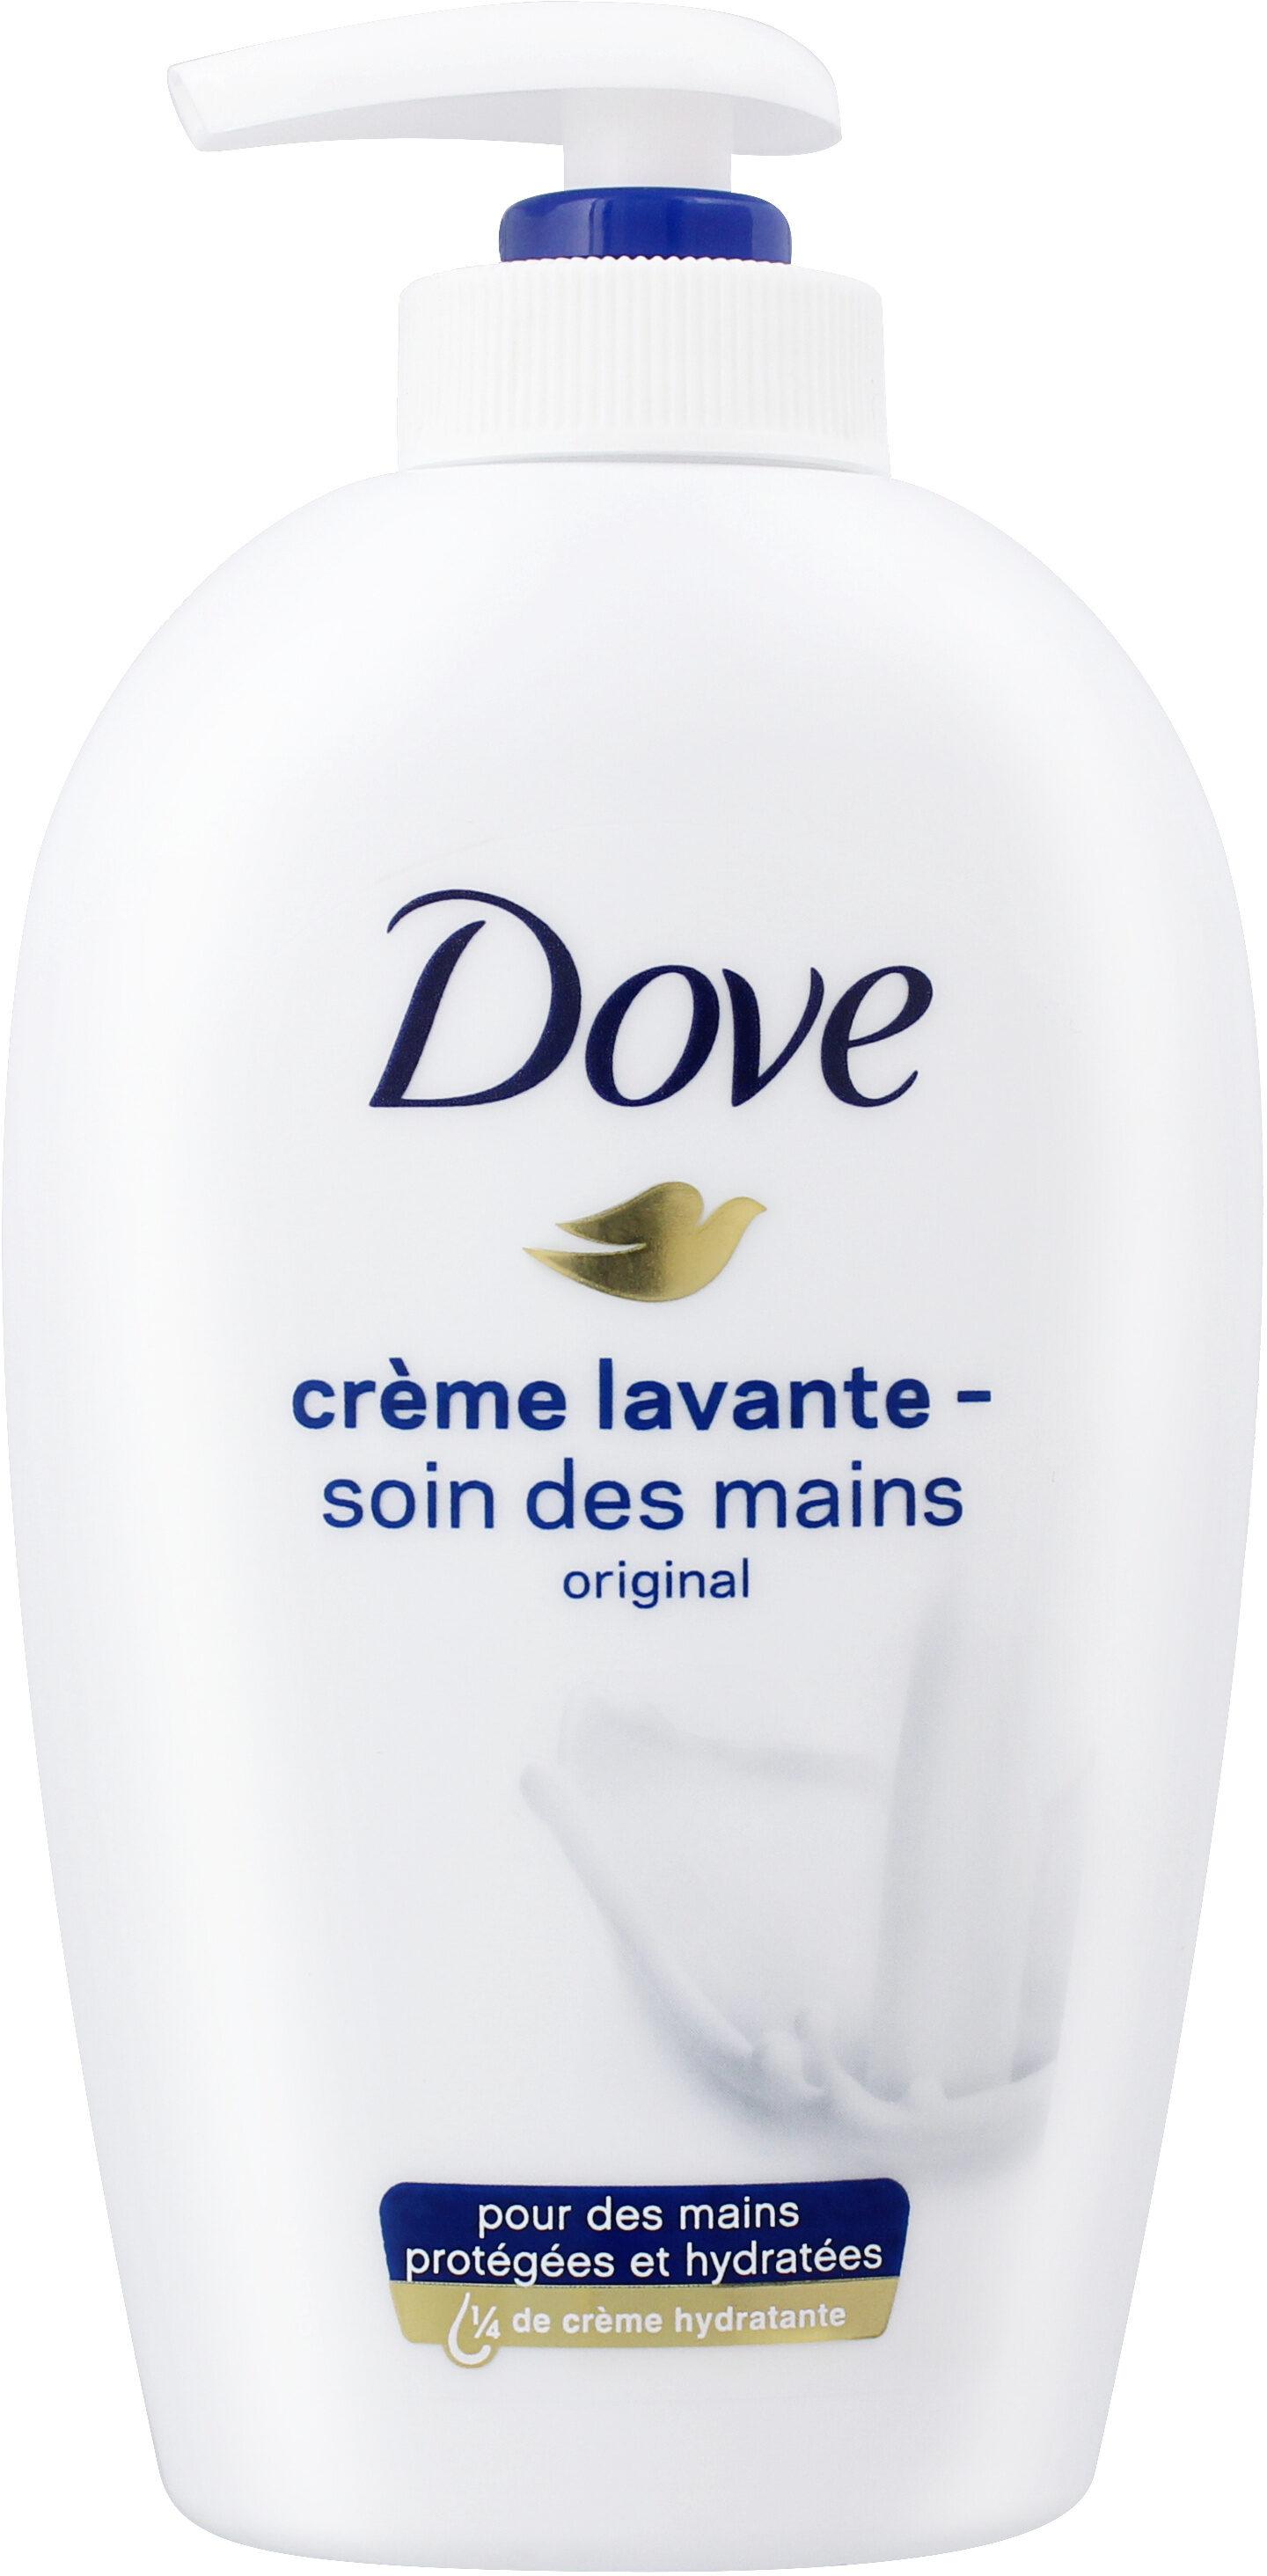 Dove Crème Lavante Pompe Soin des Mains Original - Produit - fr